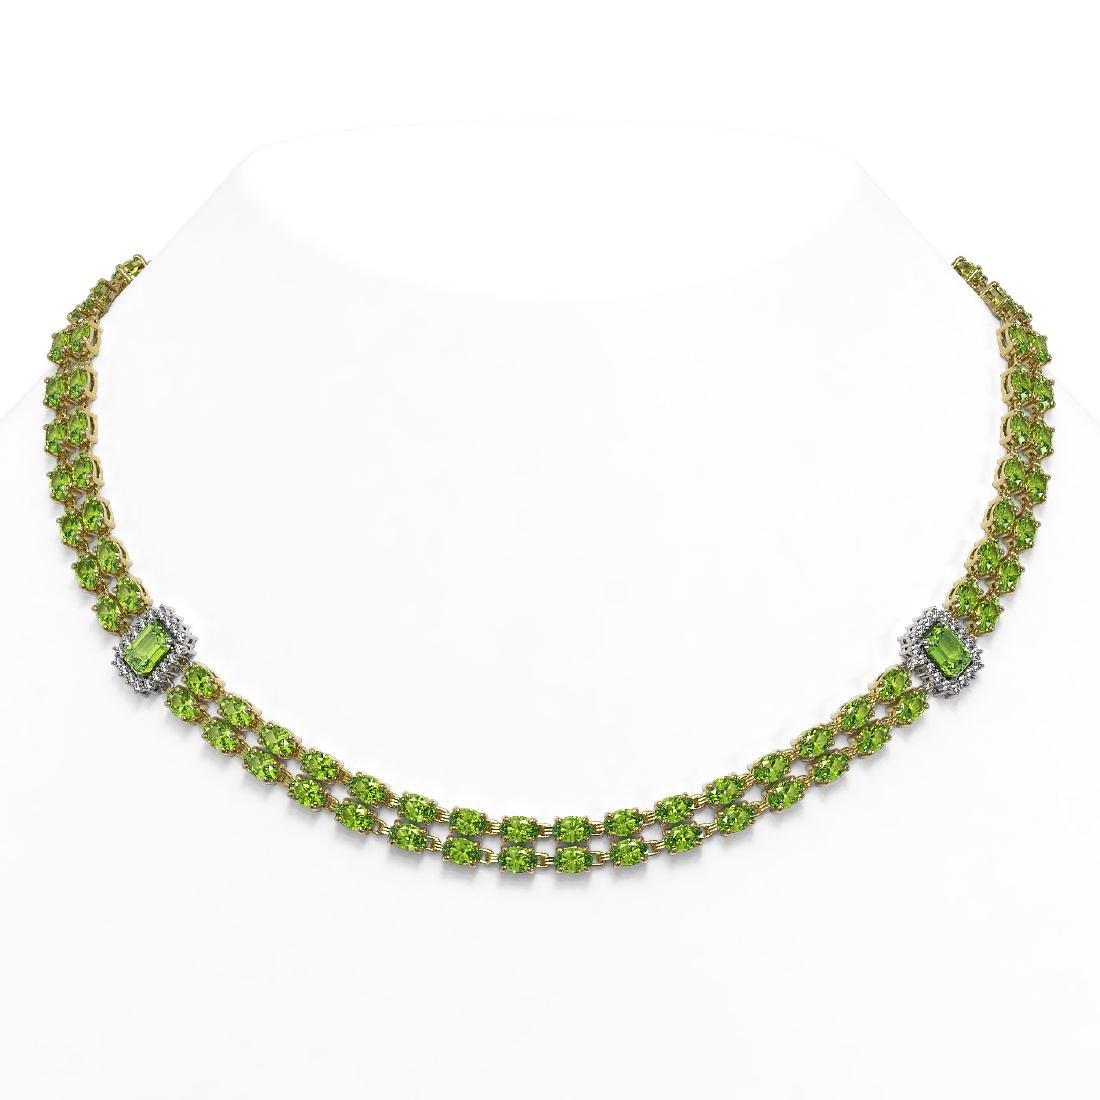 56.5 ctw Peridot & Diamond Necklace 14K Yellow Gold -